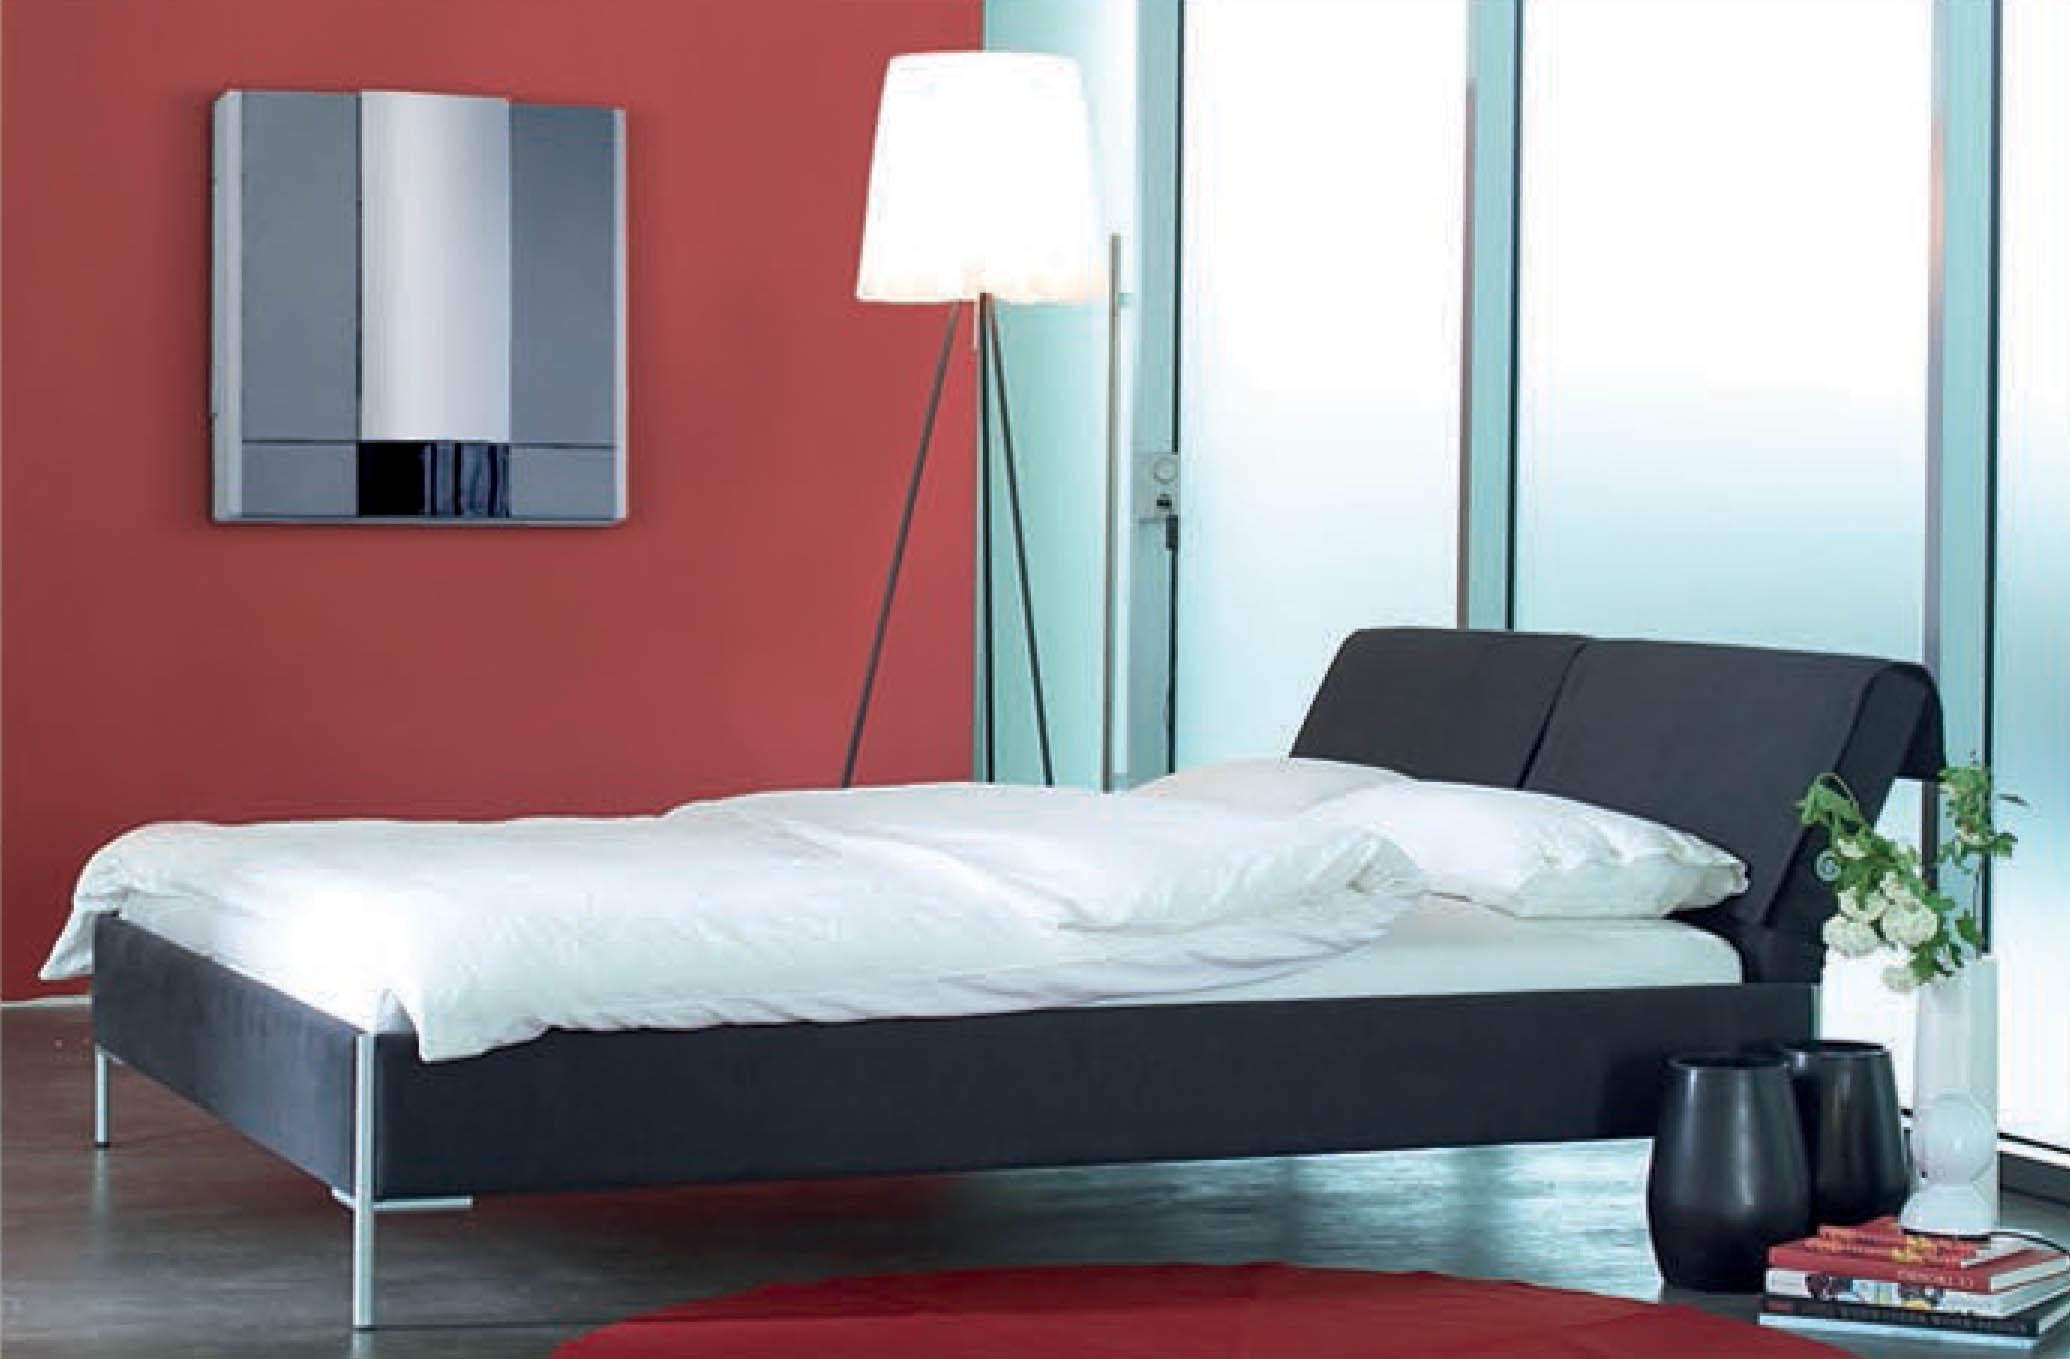 ... Wohnzimmer, Wintergärten Oder Hobbyraum. Mit Der Fernbedienung Lassen  Sich Alle Funktionen Bequem Einstellen. Klimaanlagen Klimaanlagen